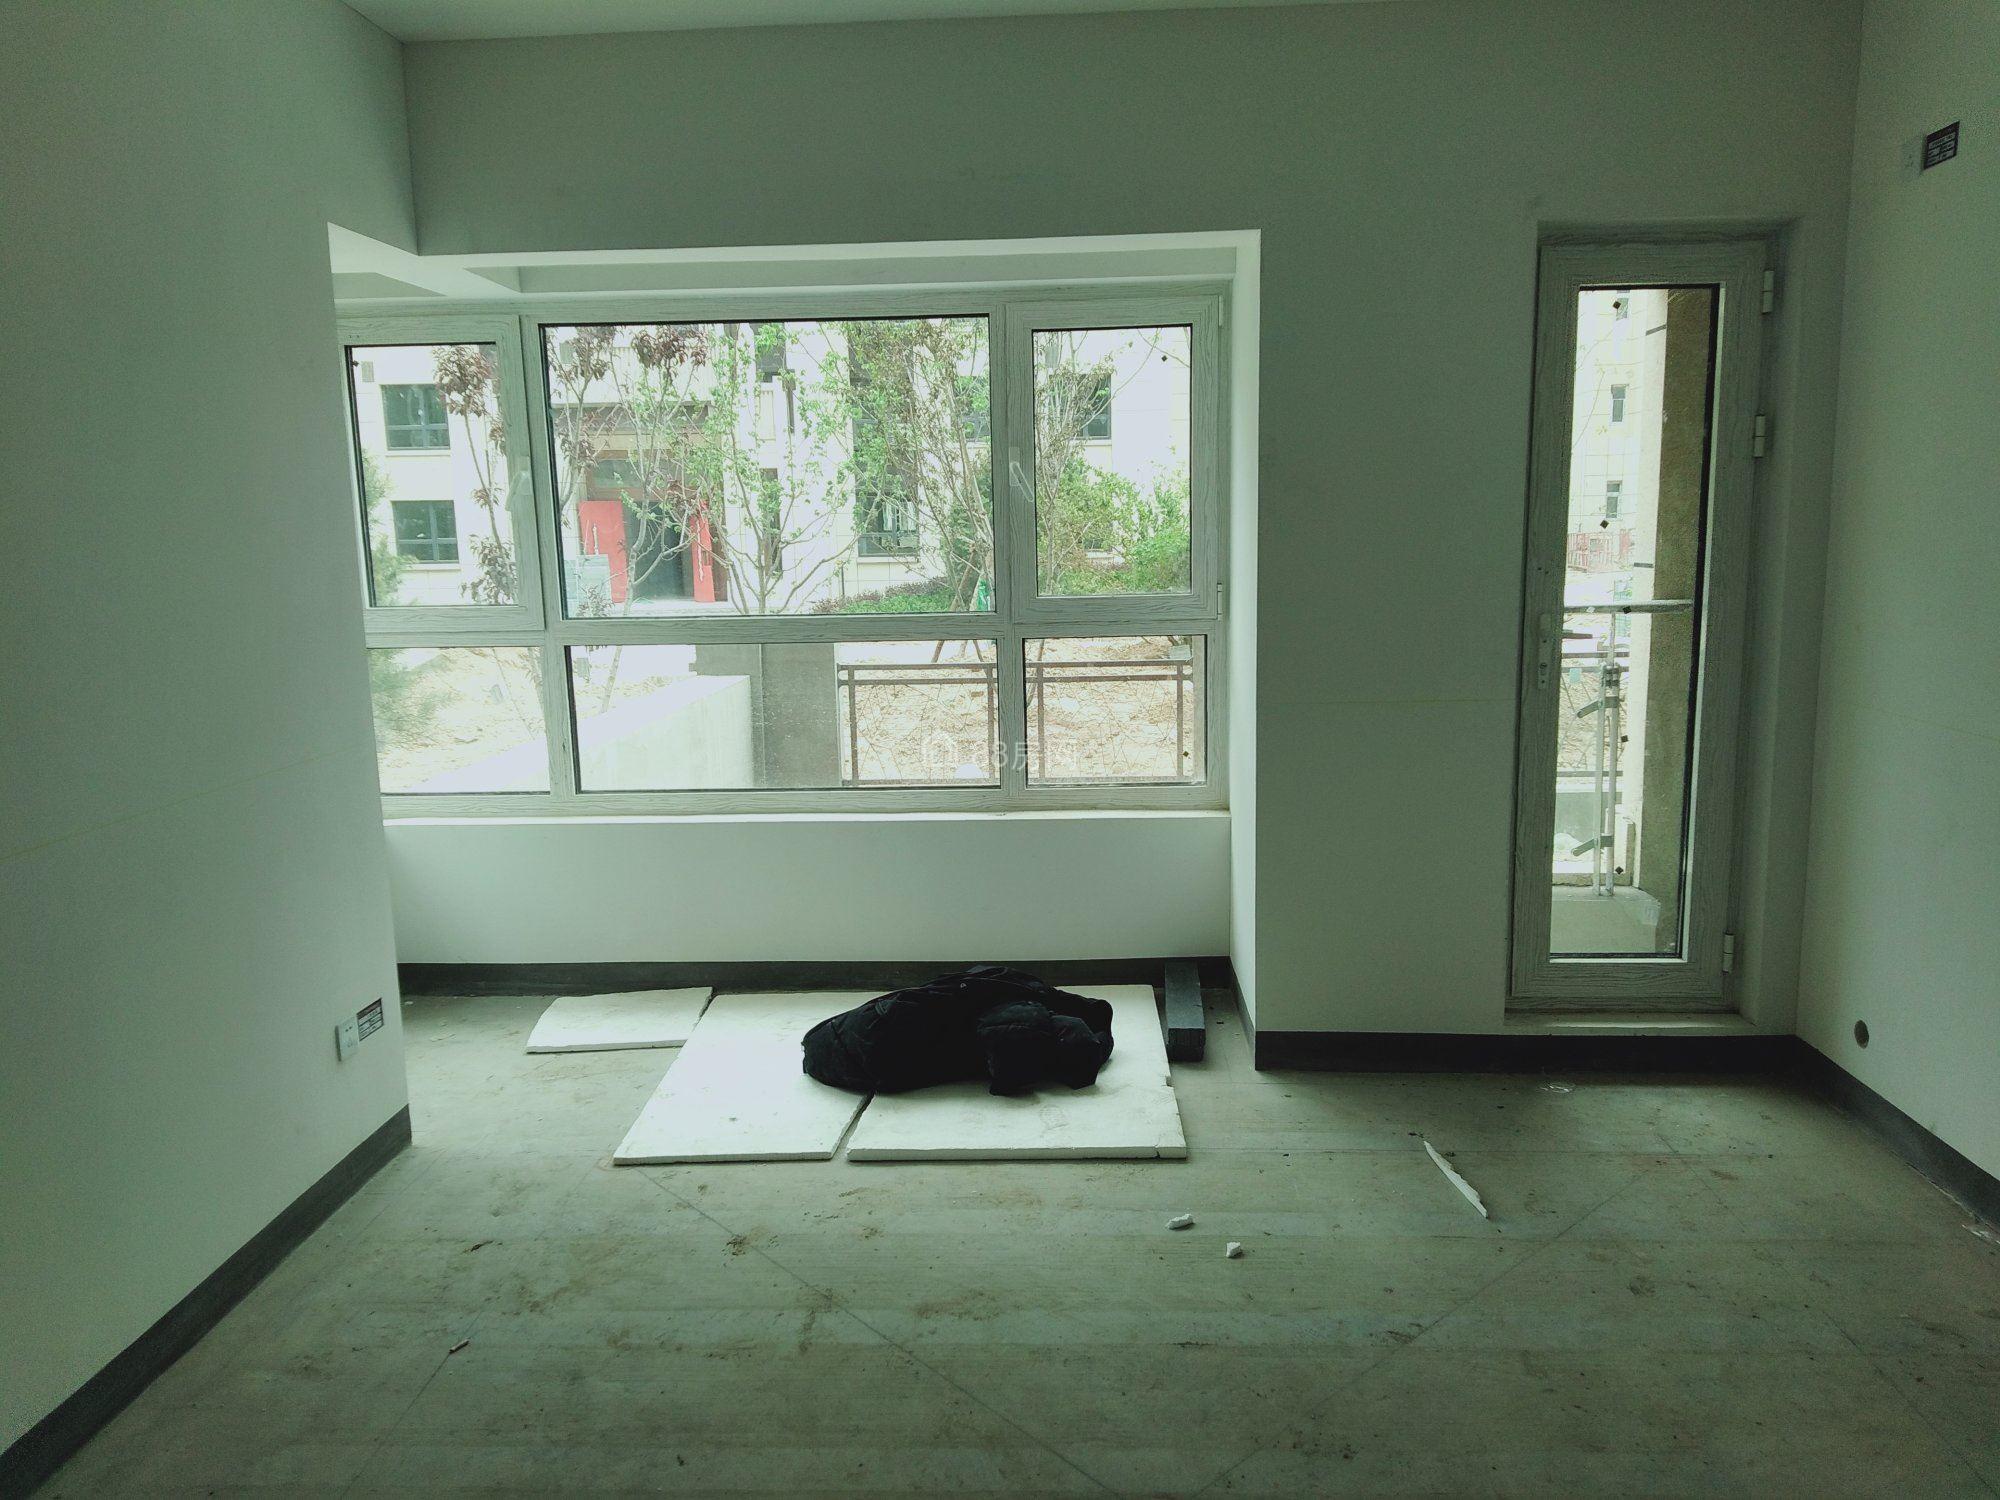 凤凰华庭,一楼带大花园,平层准现房出售,北塔初中部学校